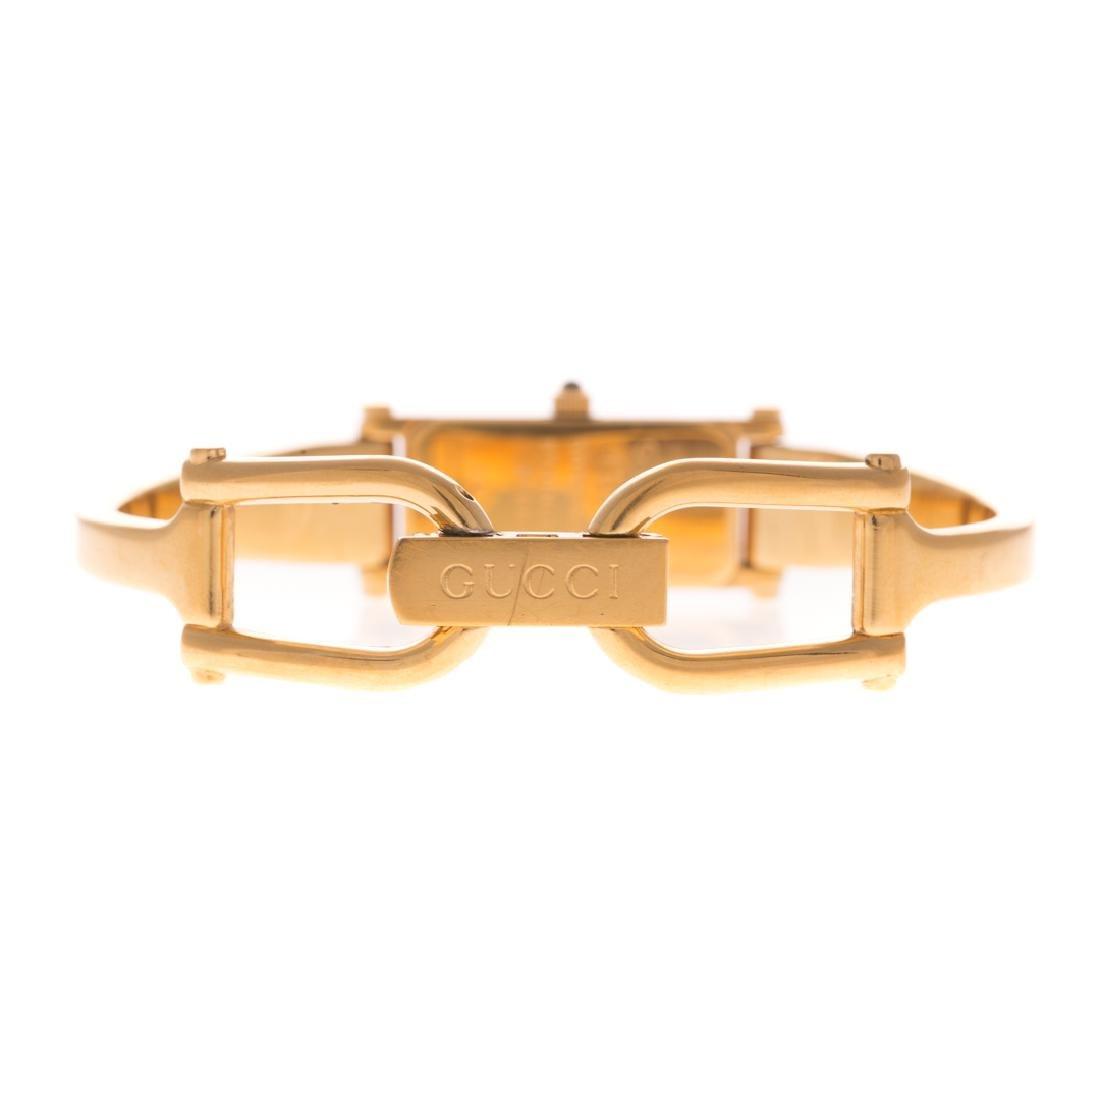 A Lady's Gucci Gold Bracelet Watch - 3